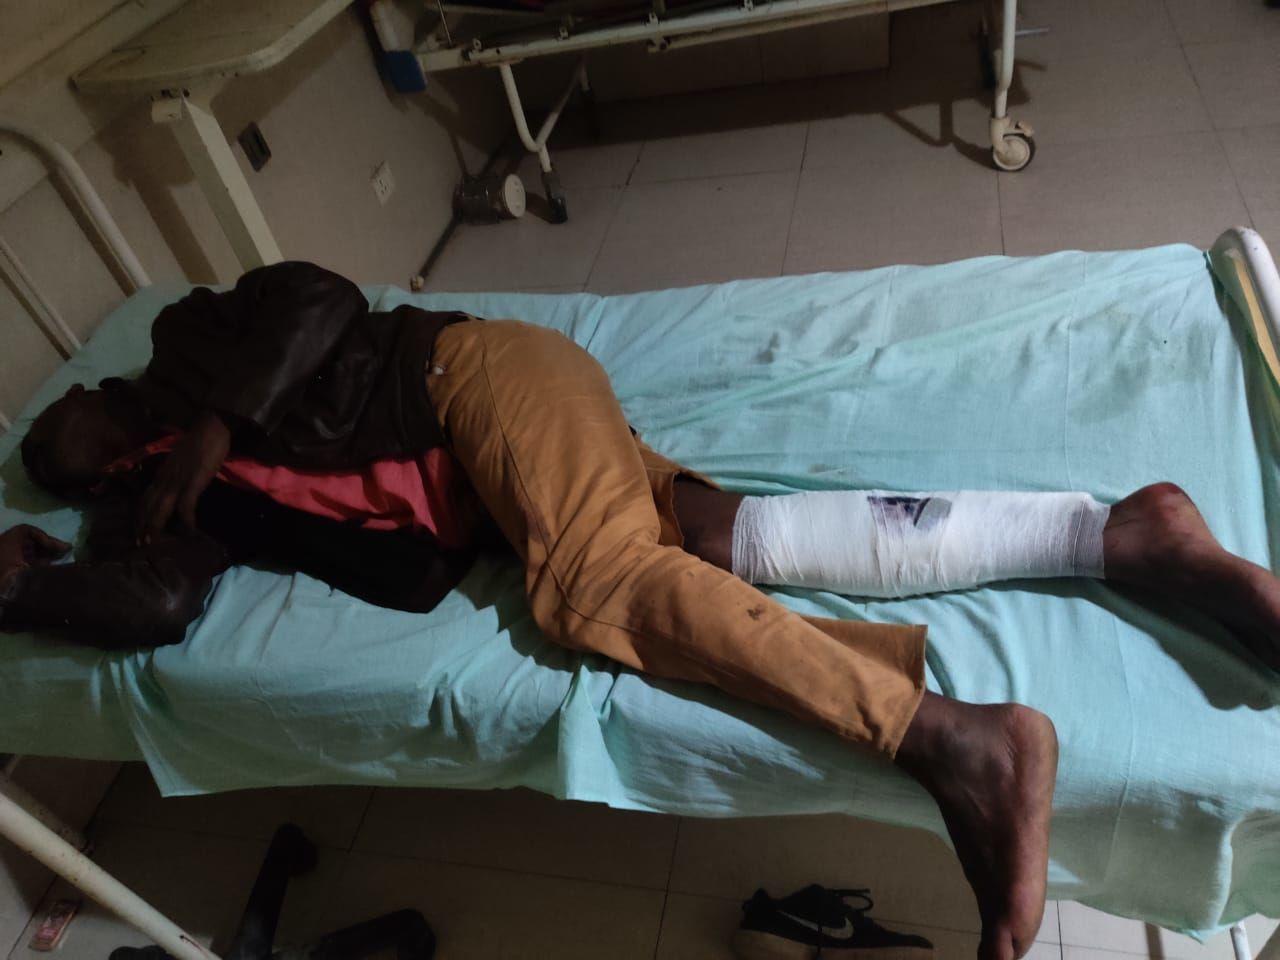 नोएडा: पुलिस मुठभेड़ के दौरान एक लुटेरा गिरफ्तार